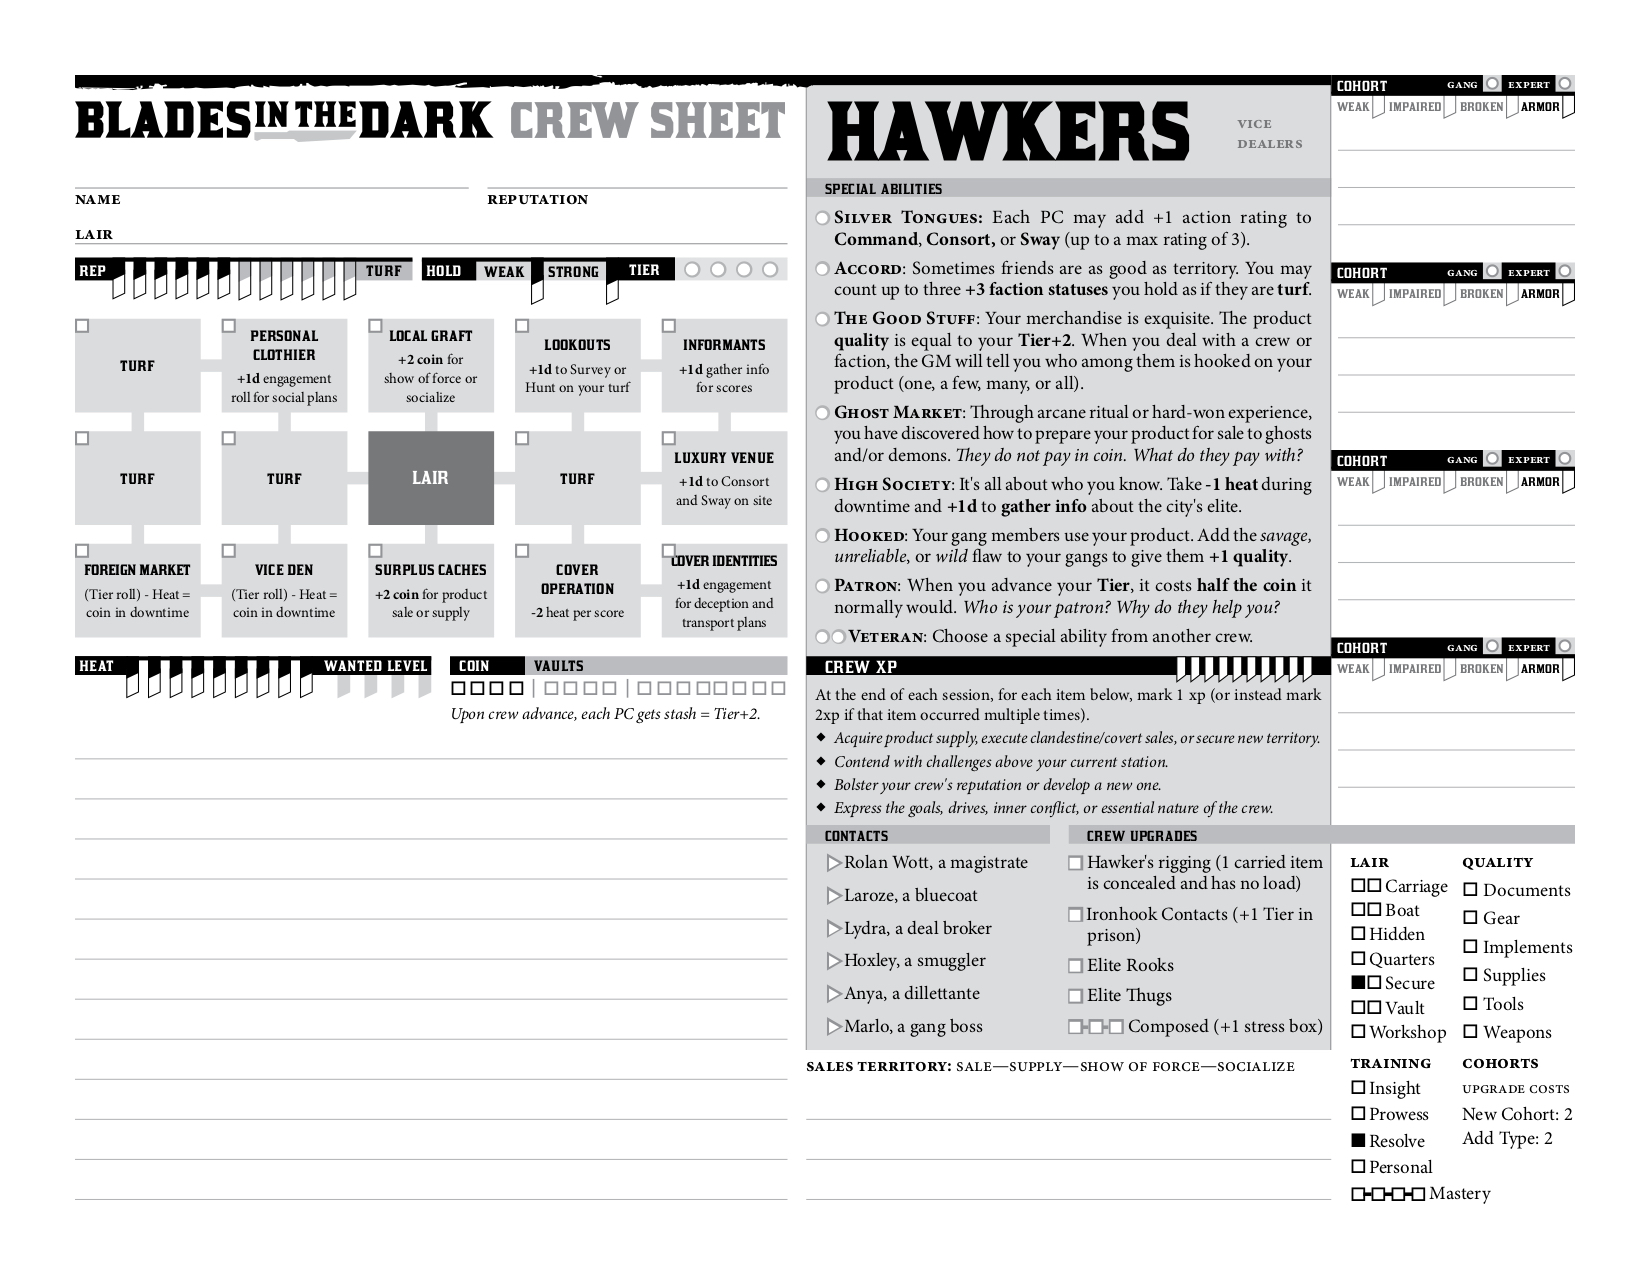 crewsheet-hawkers.jpg